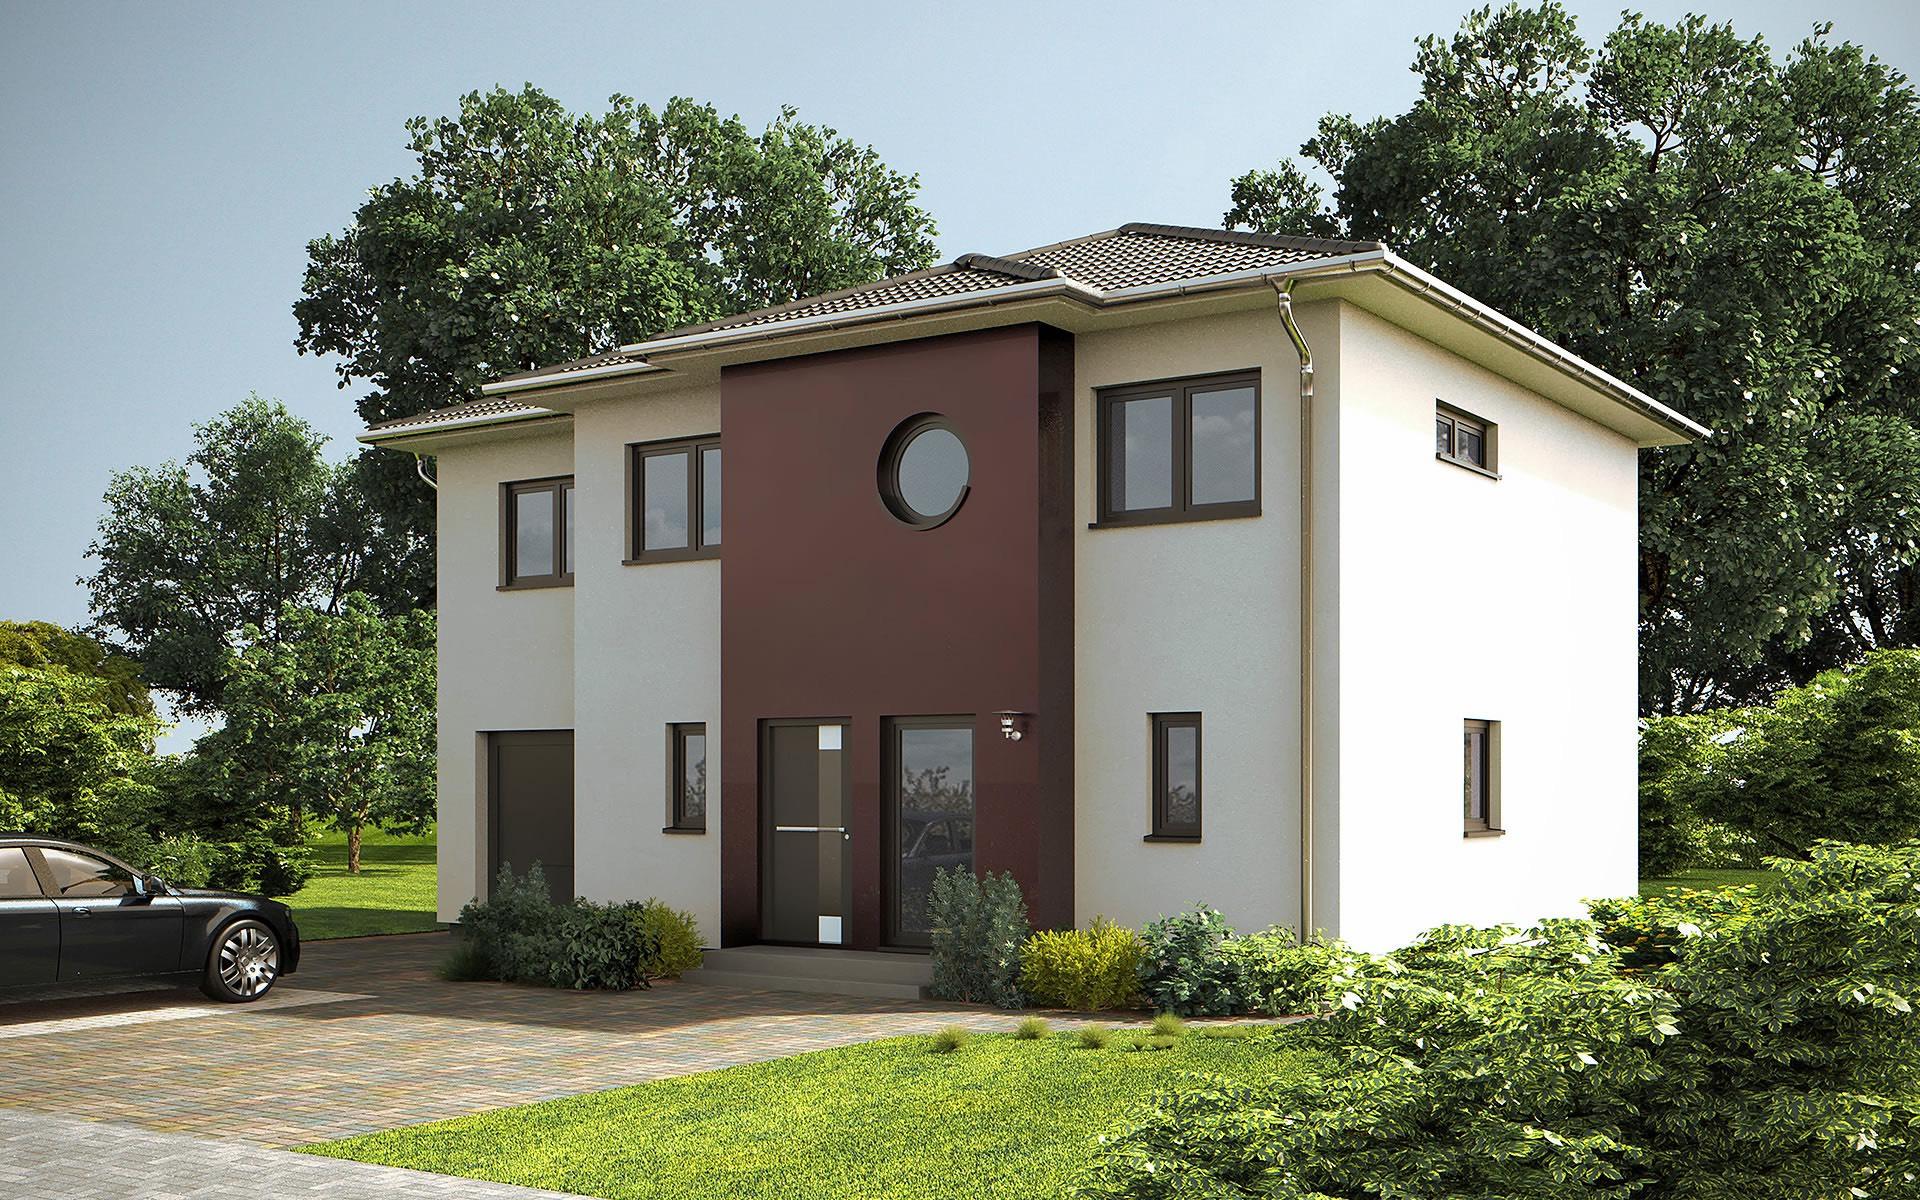 Eos 161 von Bärenhaus - das fertige Haus GmbH